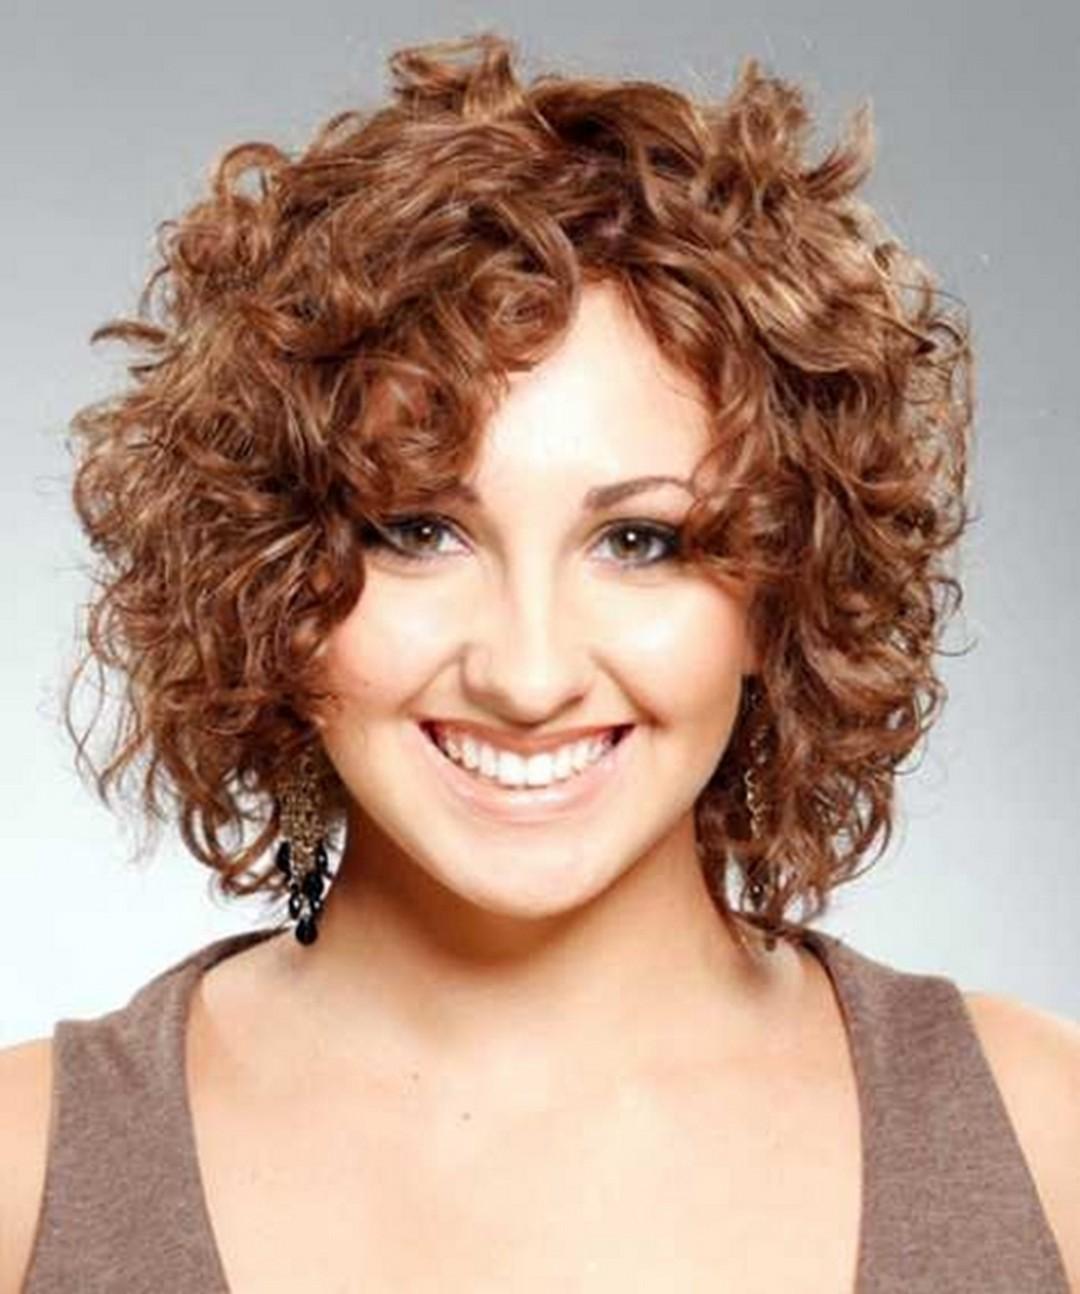 Прическа на короткие волосы с полным лицом фото